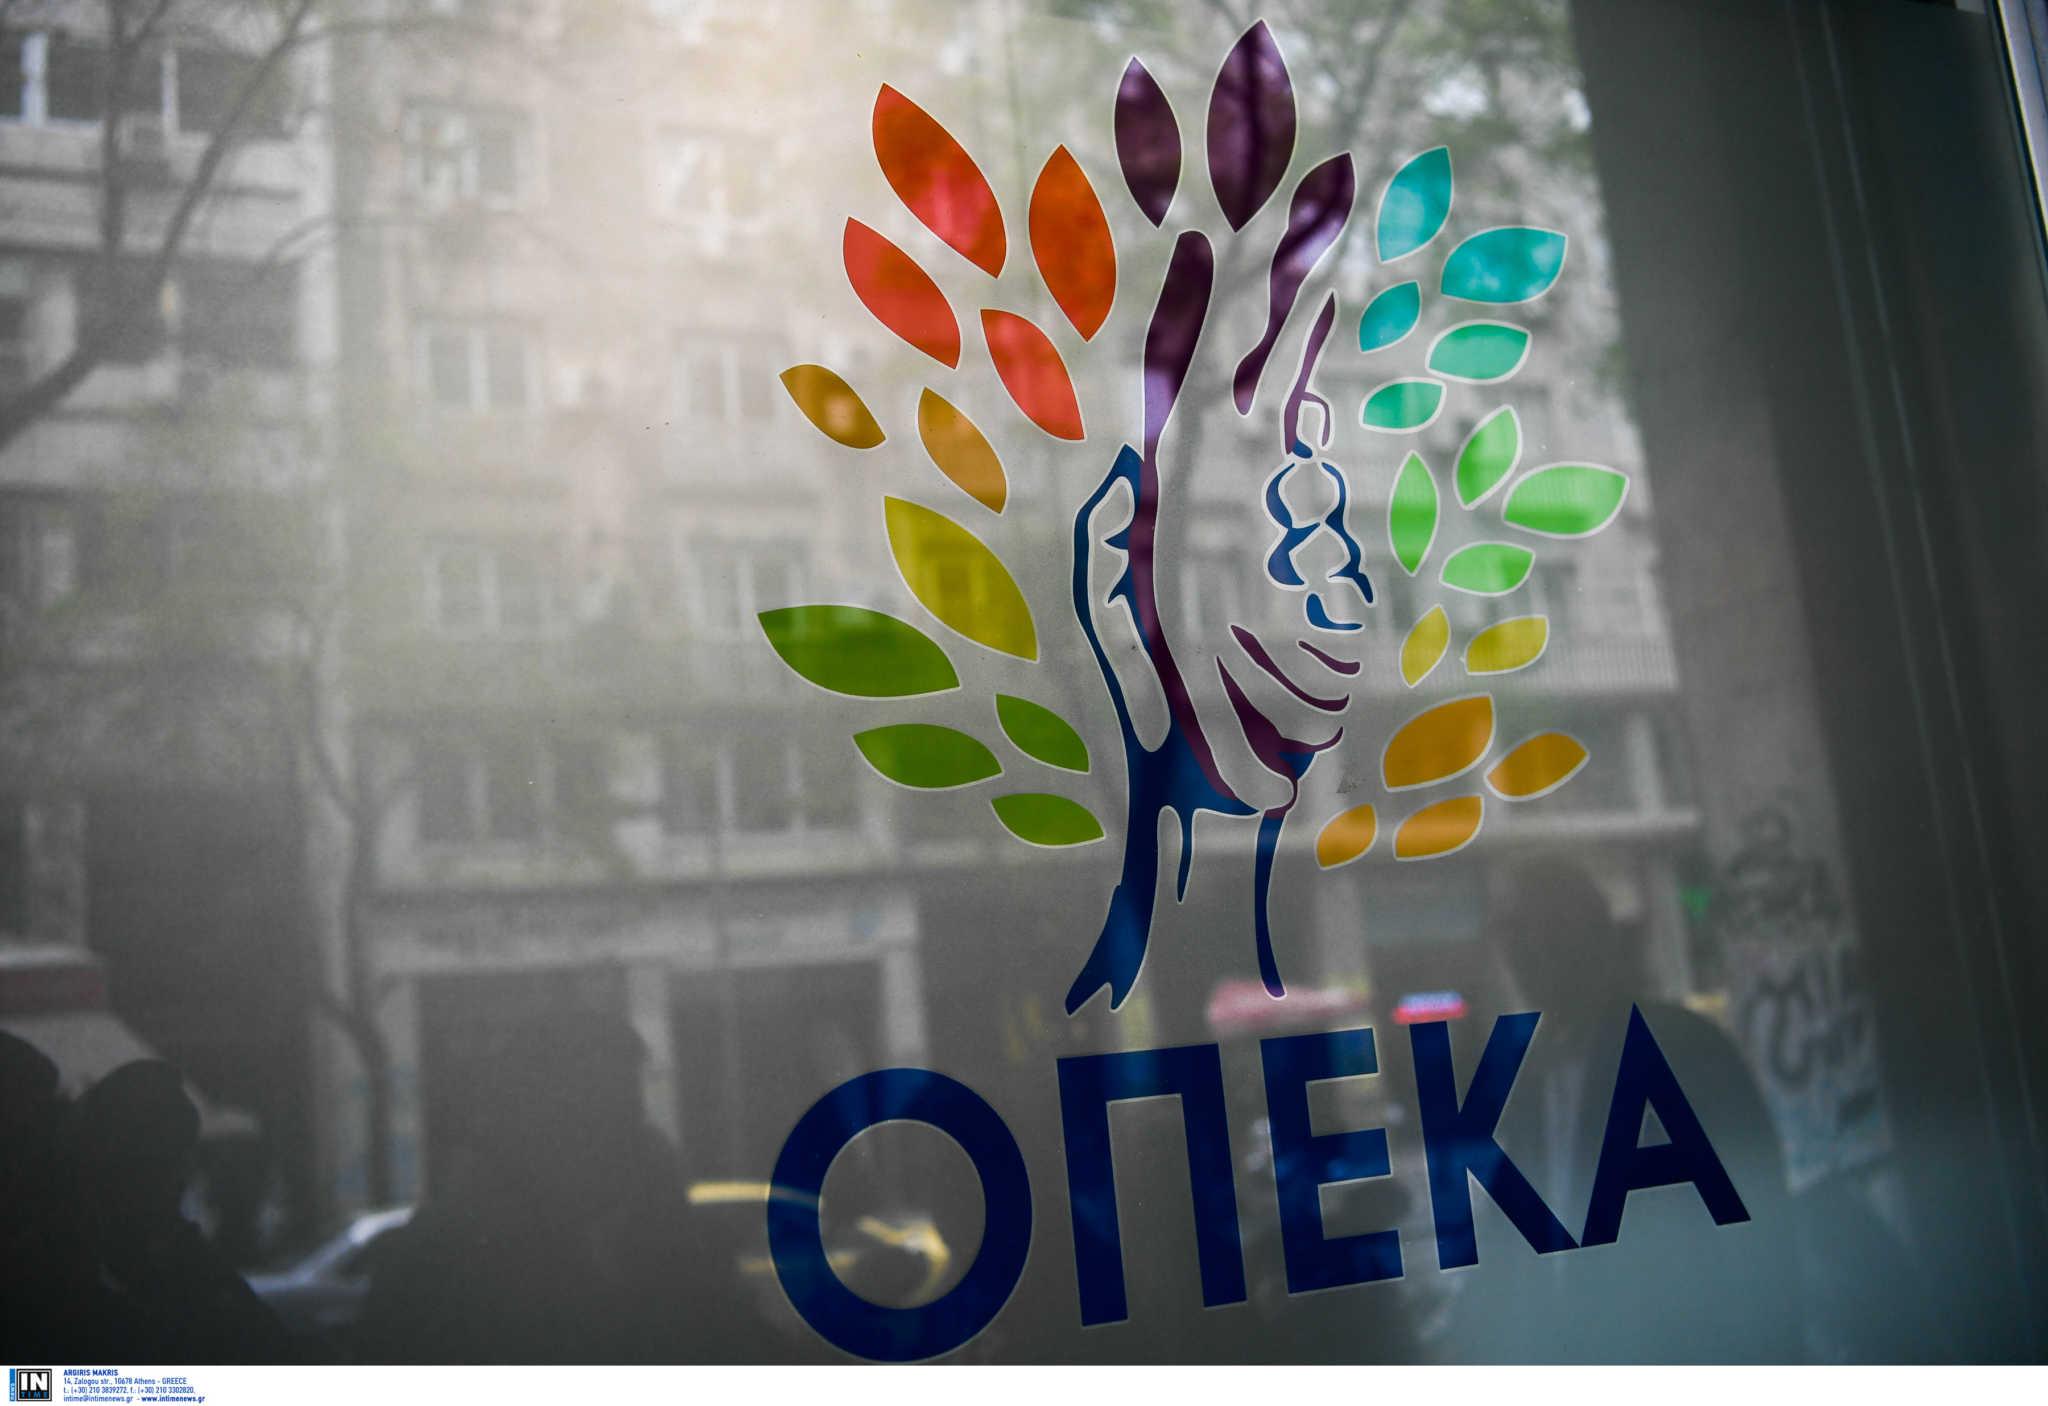 ΟΠΕΚΑ – Επίδομα παιδιού Α21: Άνοιξε η πλατφόρμα για τις αιτήσεις